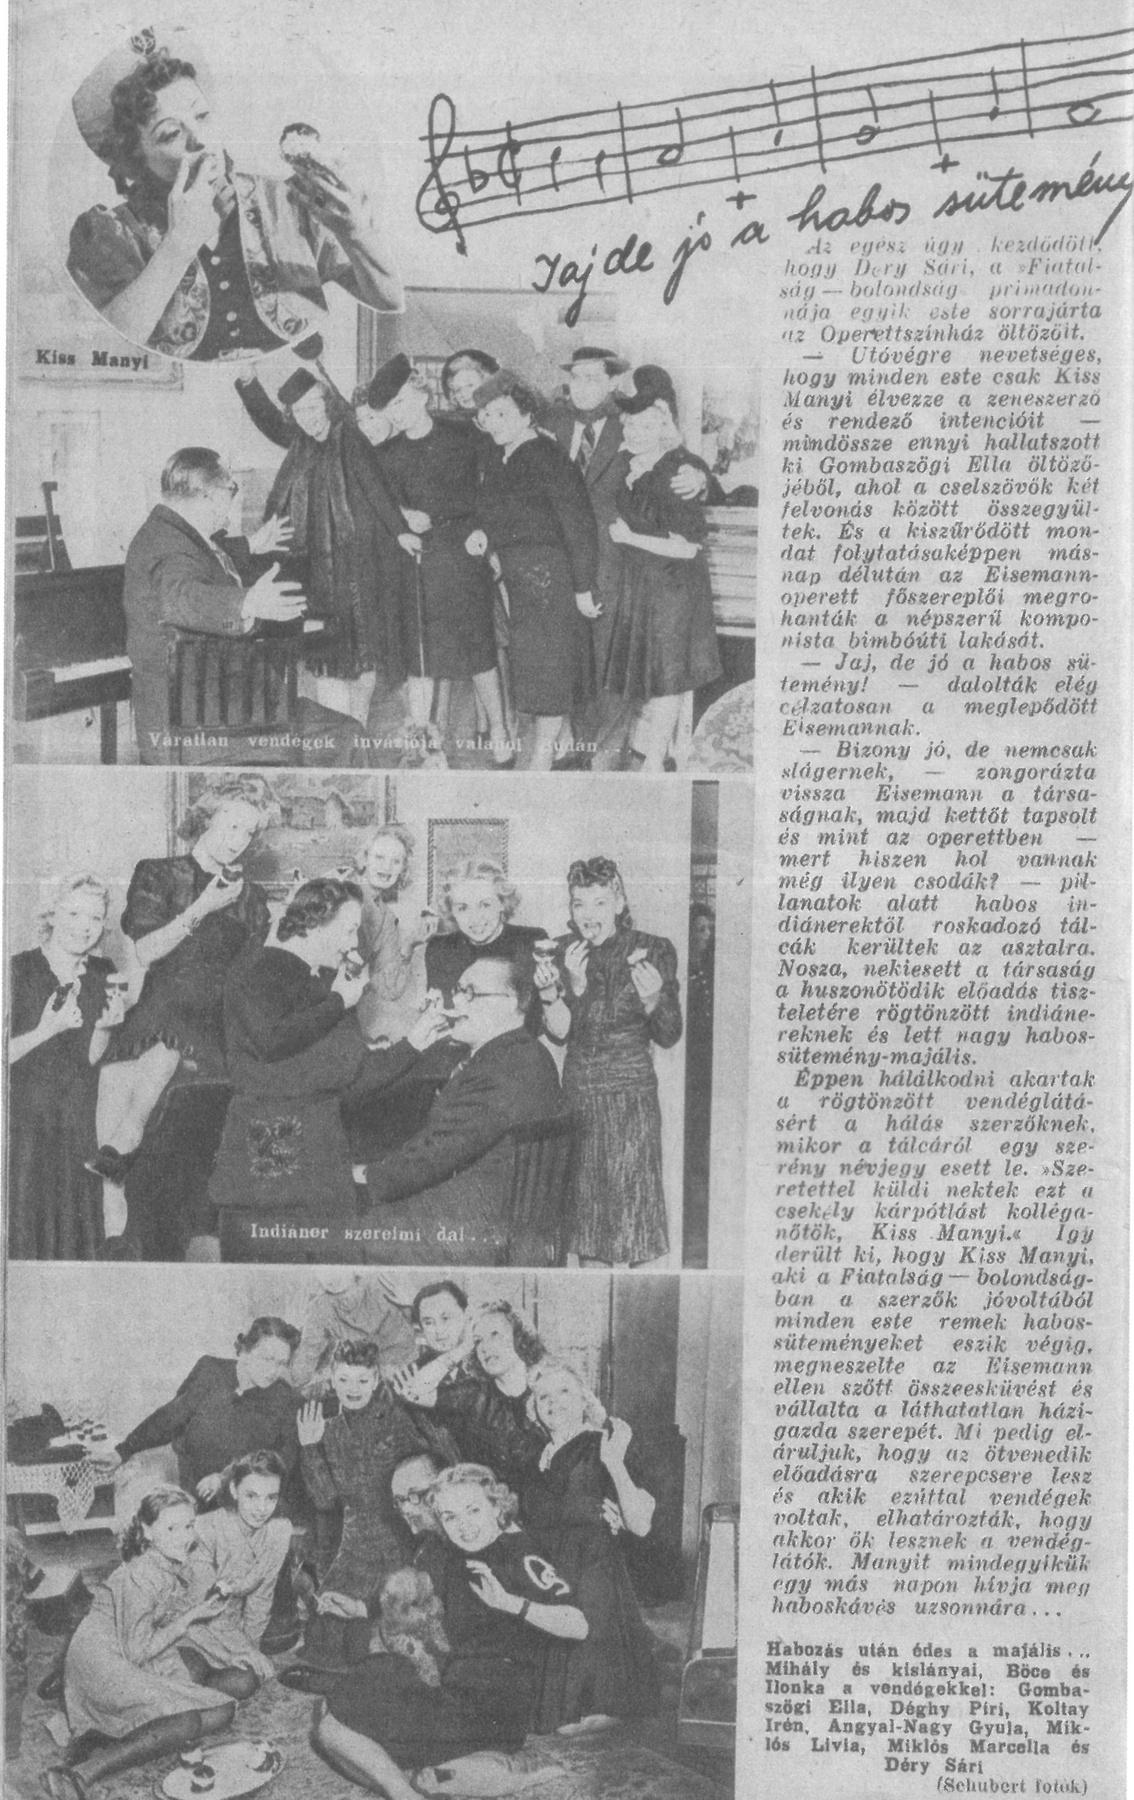 Középen, szemüveggel Eisemann Mihály zeneszerző, balról Rökk Marika, szőkén Déry Sári, Kiss Manyi, Gombaszögi Ella színművésznők